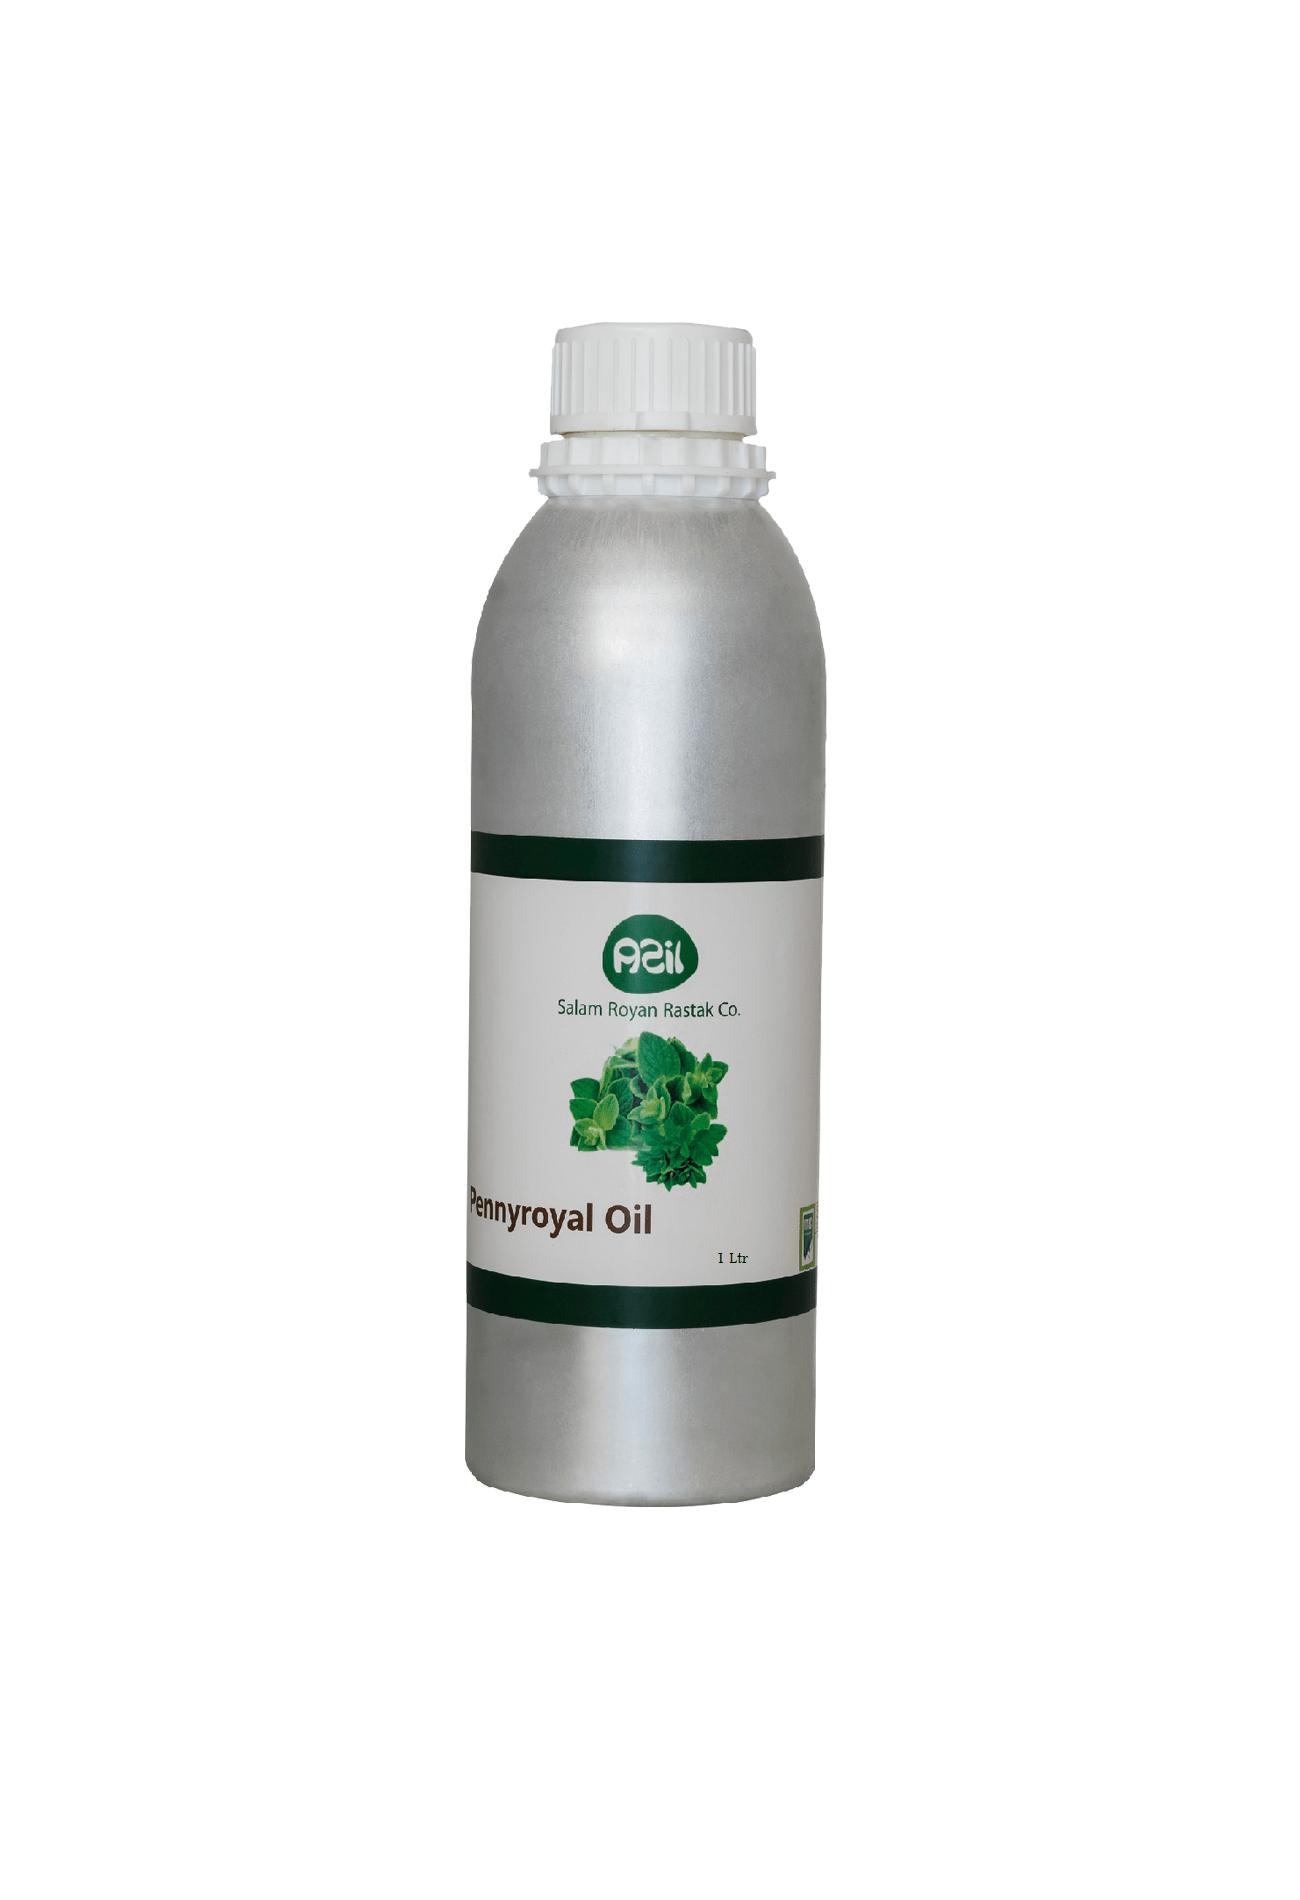 Azil pennyroyal Oil